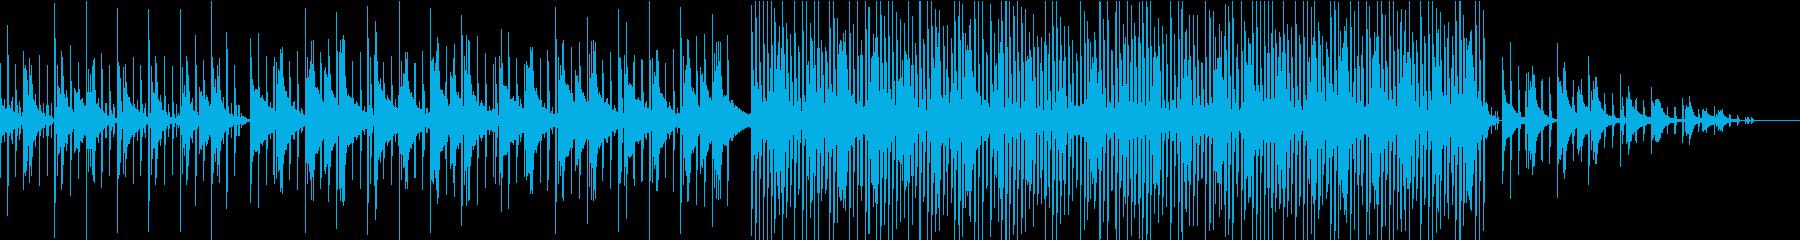 【Lofi hiphop】深夜の勉強にの再生済みの波形